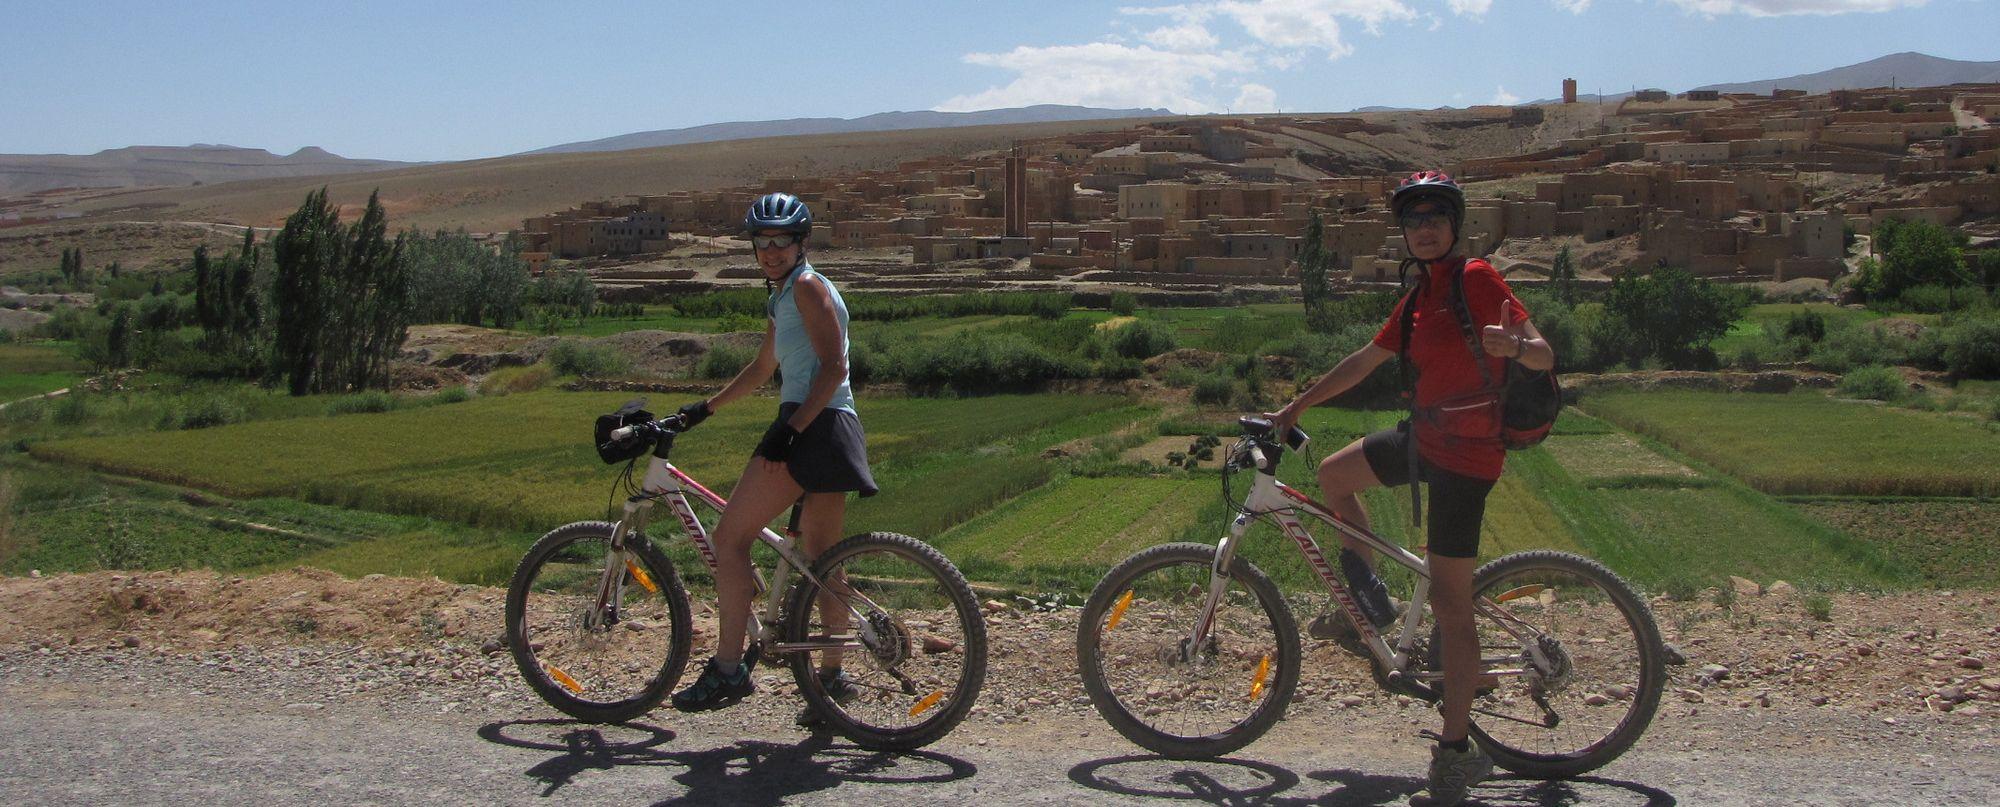 Marruecos - Atlas Central en Bicicleta de Montaña